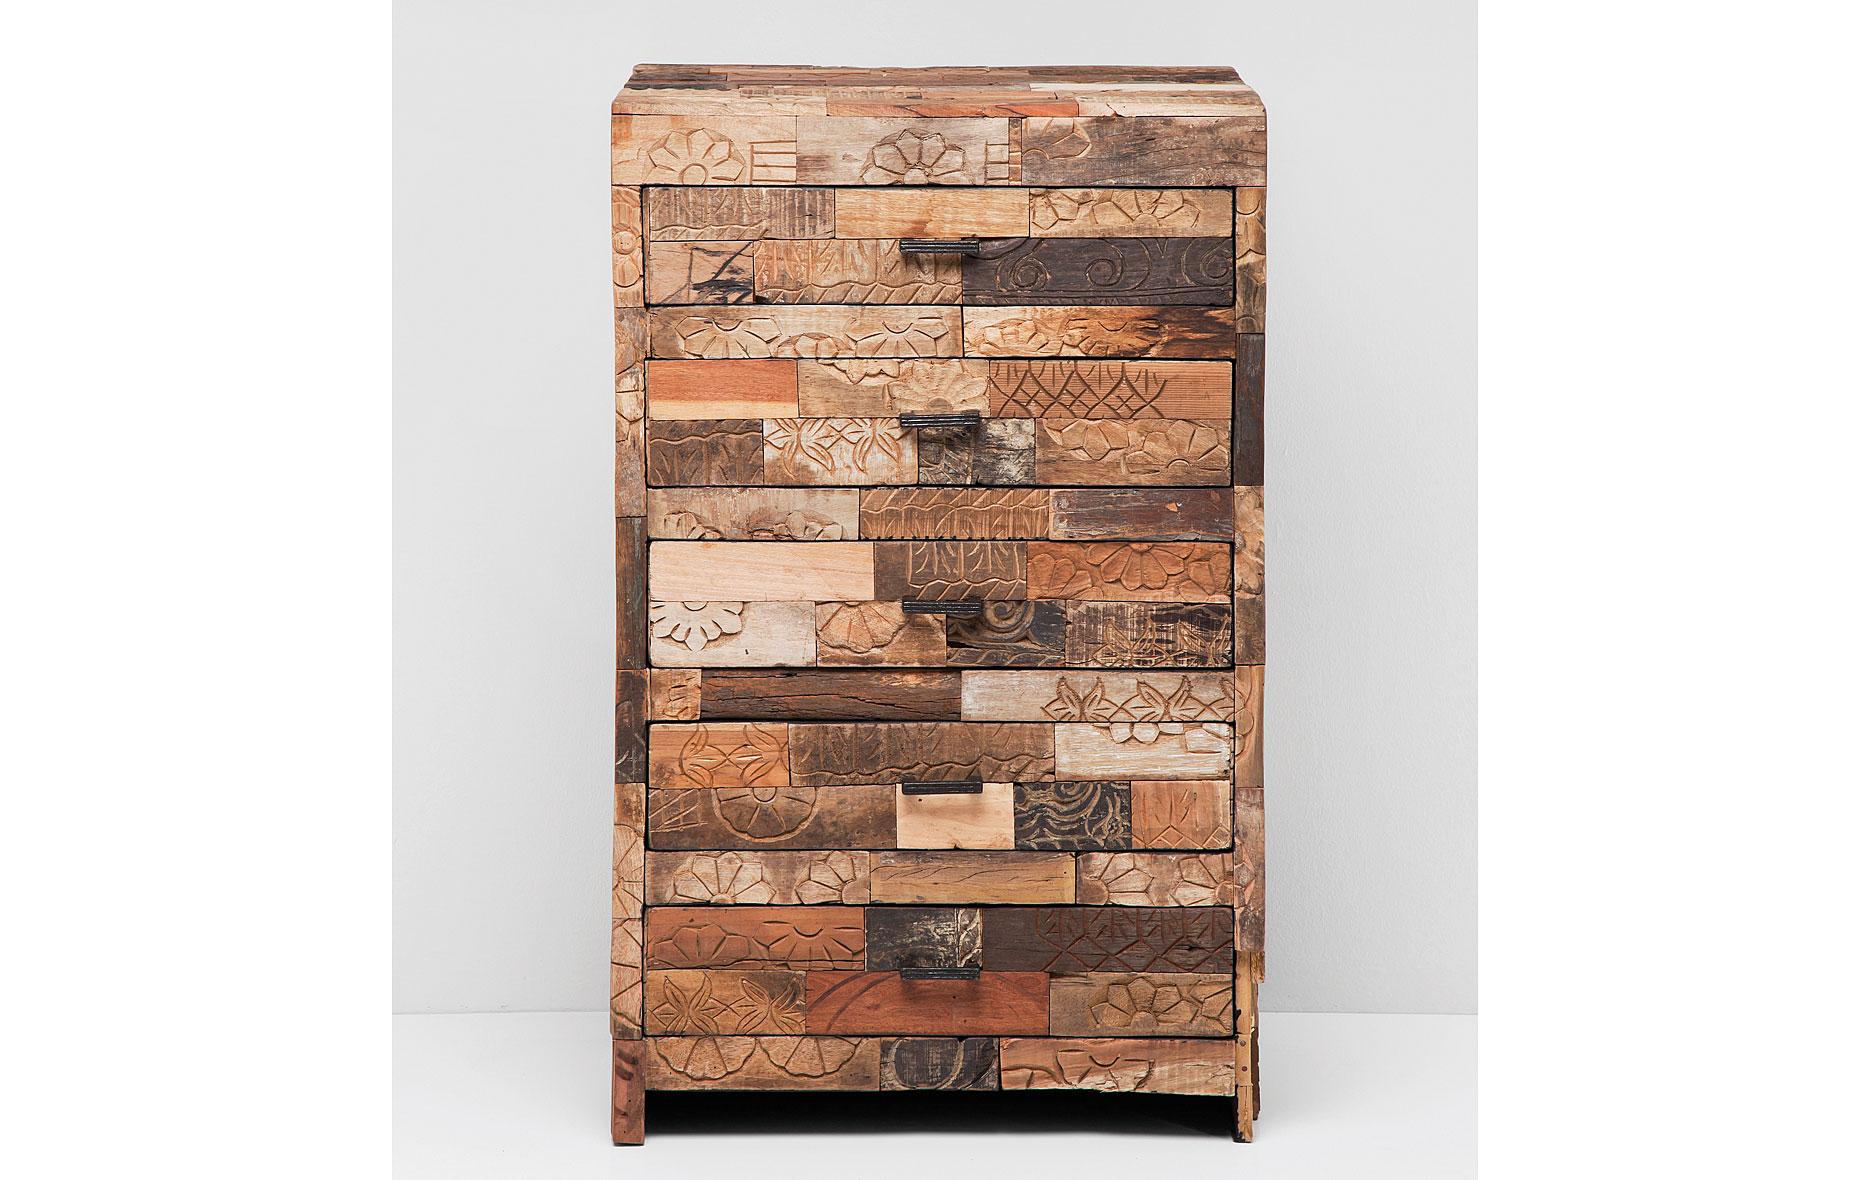 Muebles de madera tallada y piel natural de vaca (922)